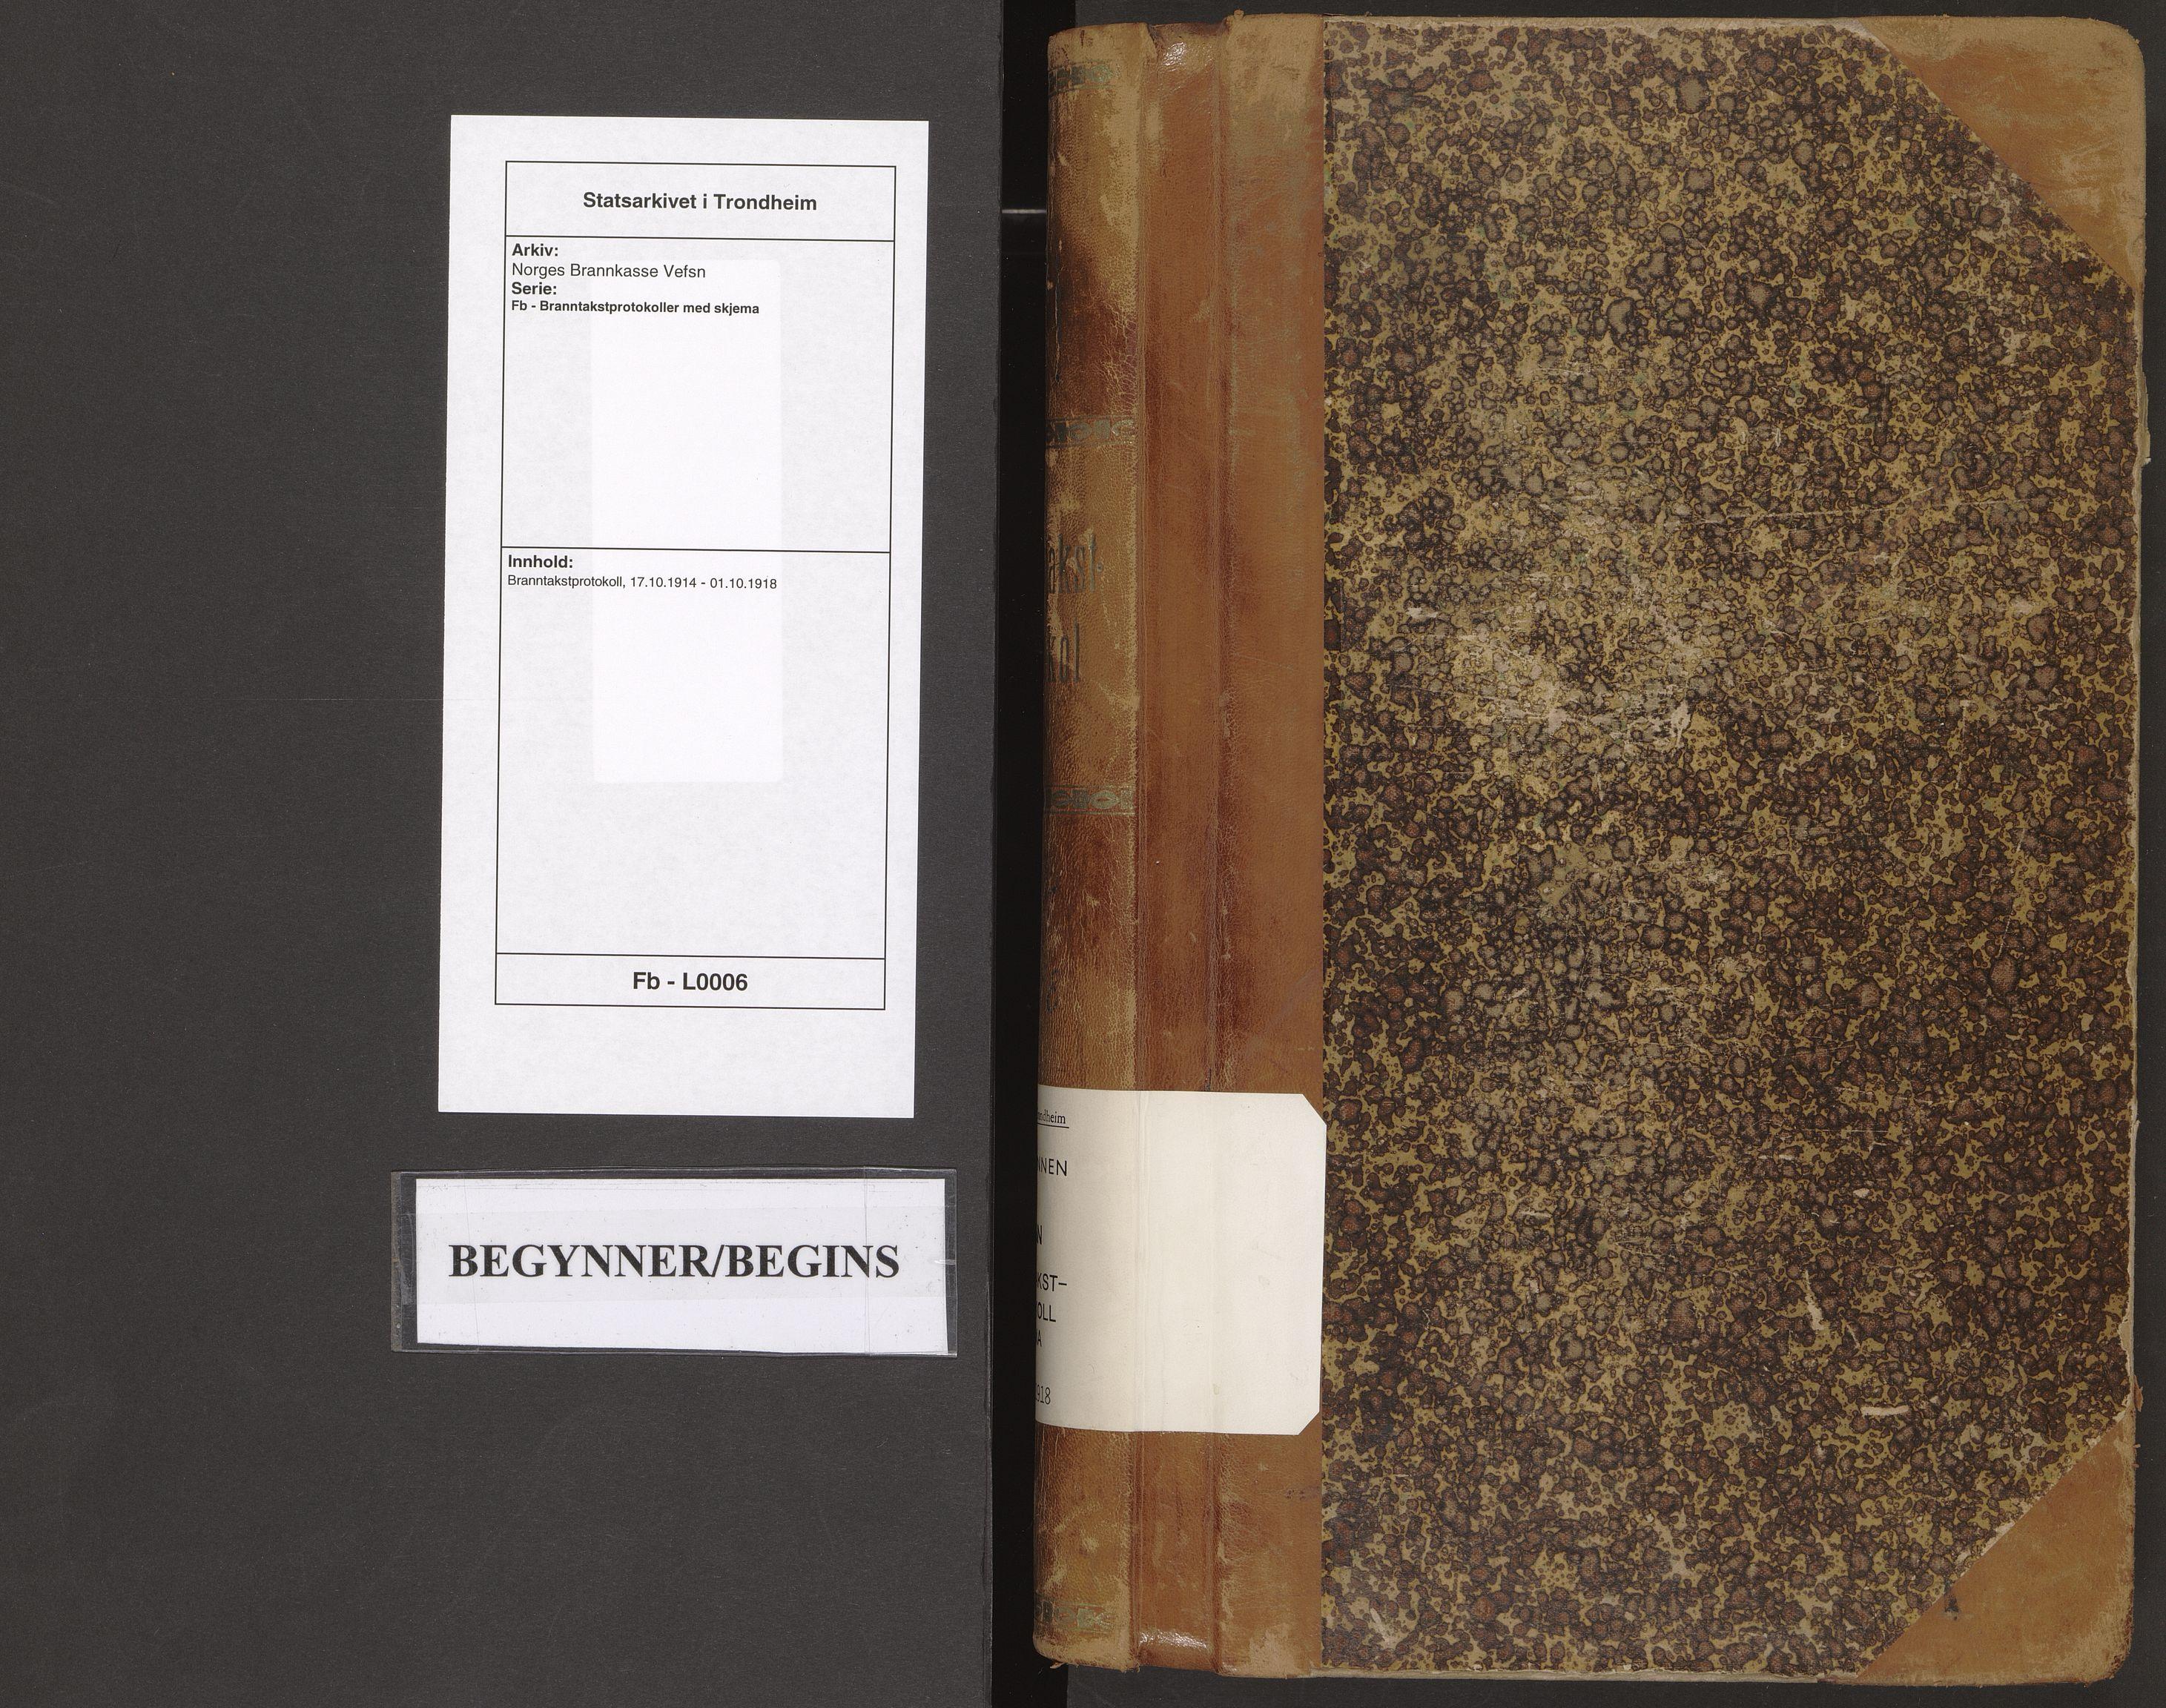 SAT, Norges Brannkasse Vefsn, Branntakstprotokoller med skjema, nr. 6: 1914-1918, 1914-1918